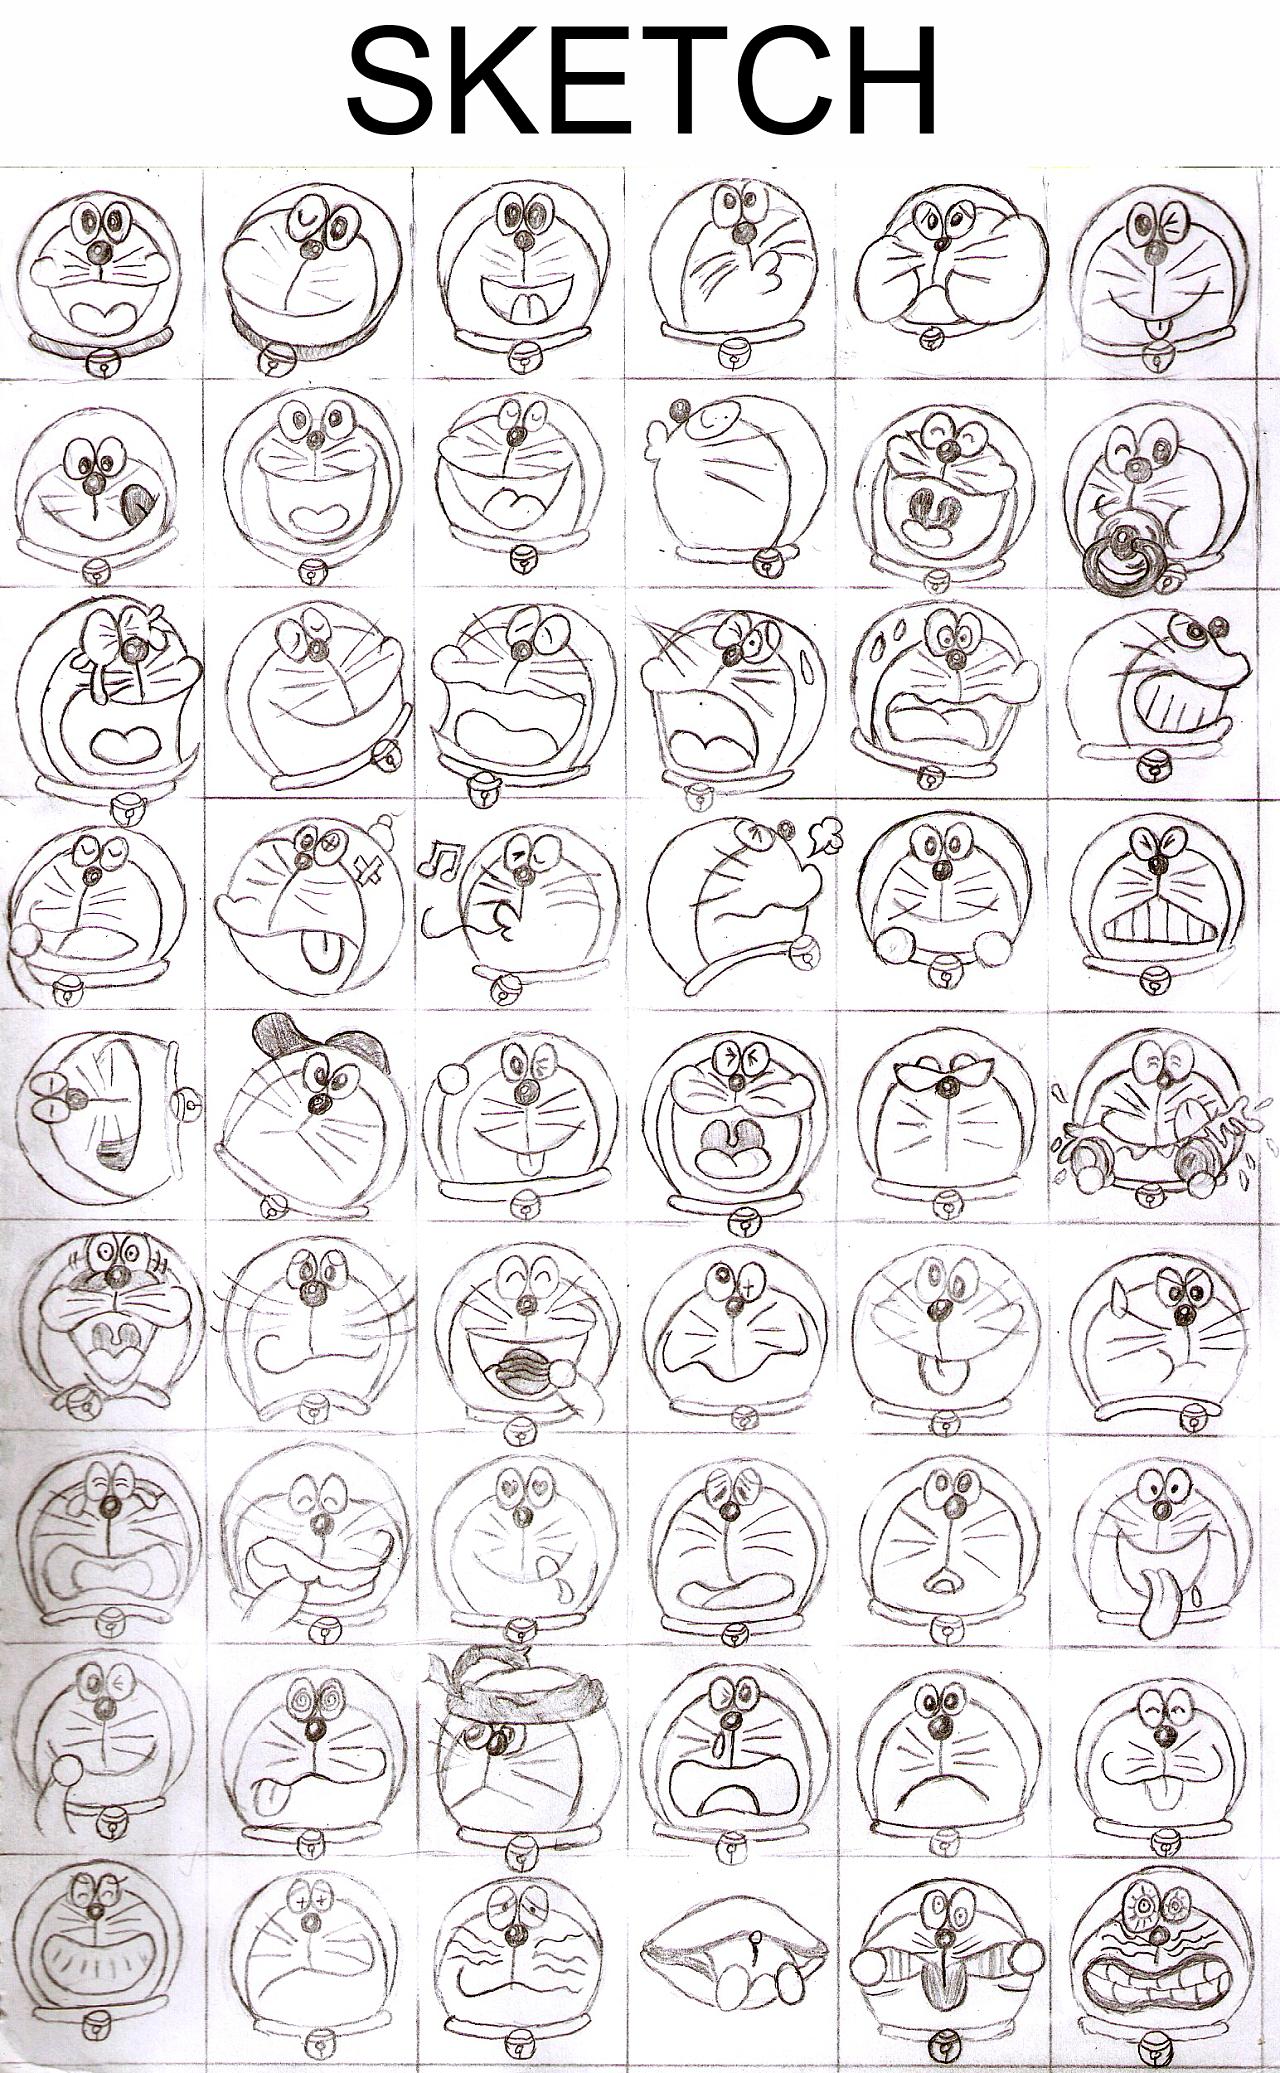 多啦A梦表情|动漫|其他动漫|kimiLIU-原创作标准包搞笑偶表情图片